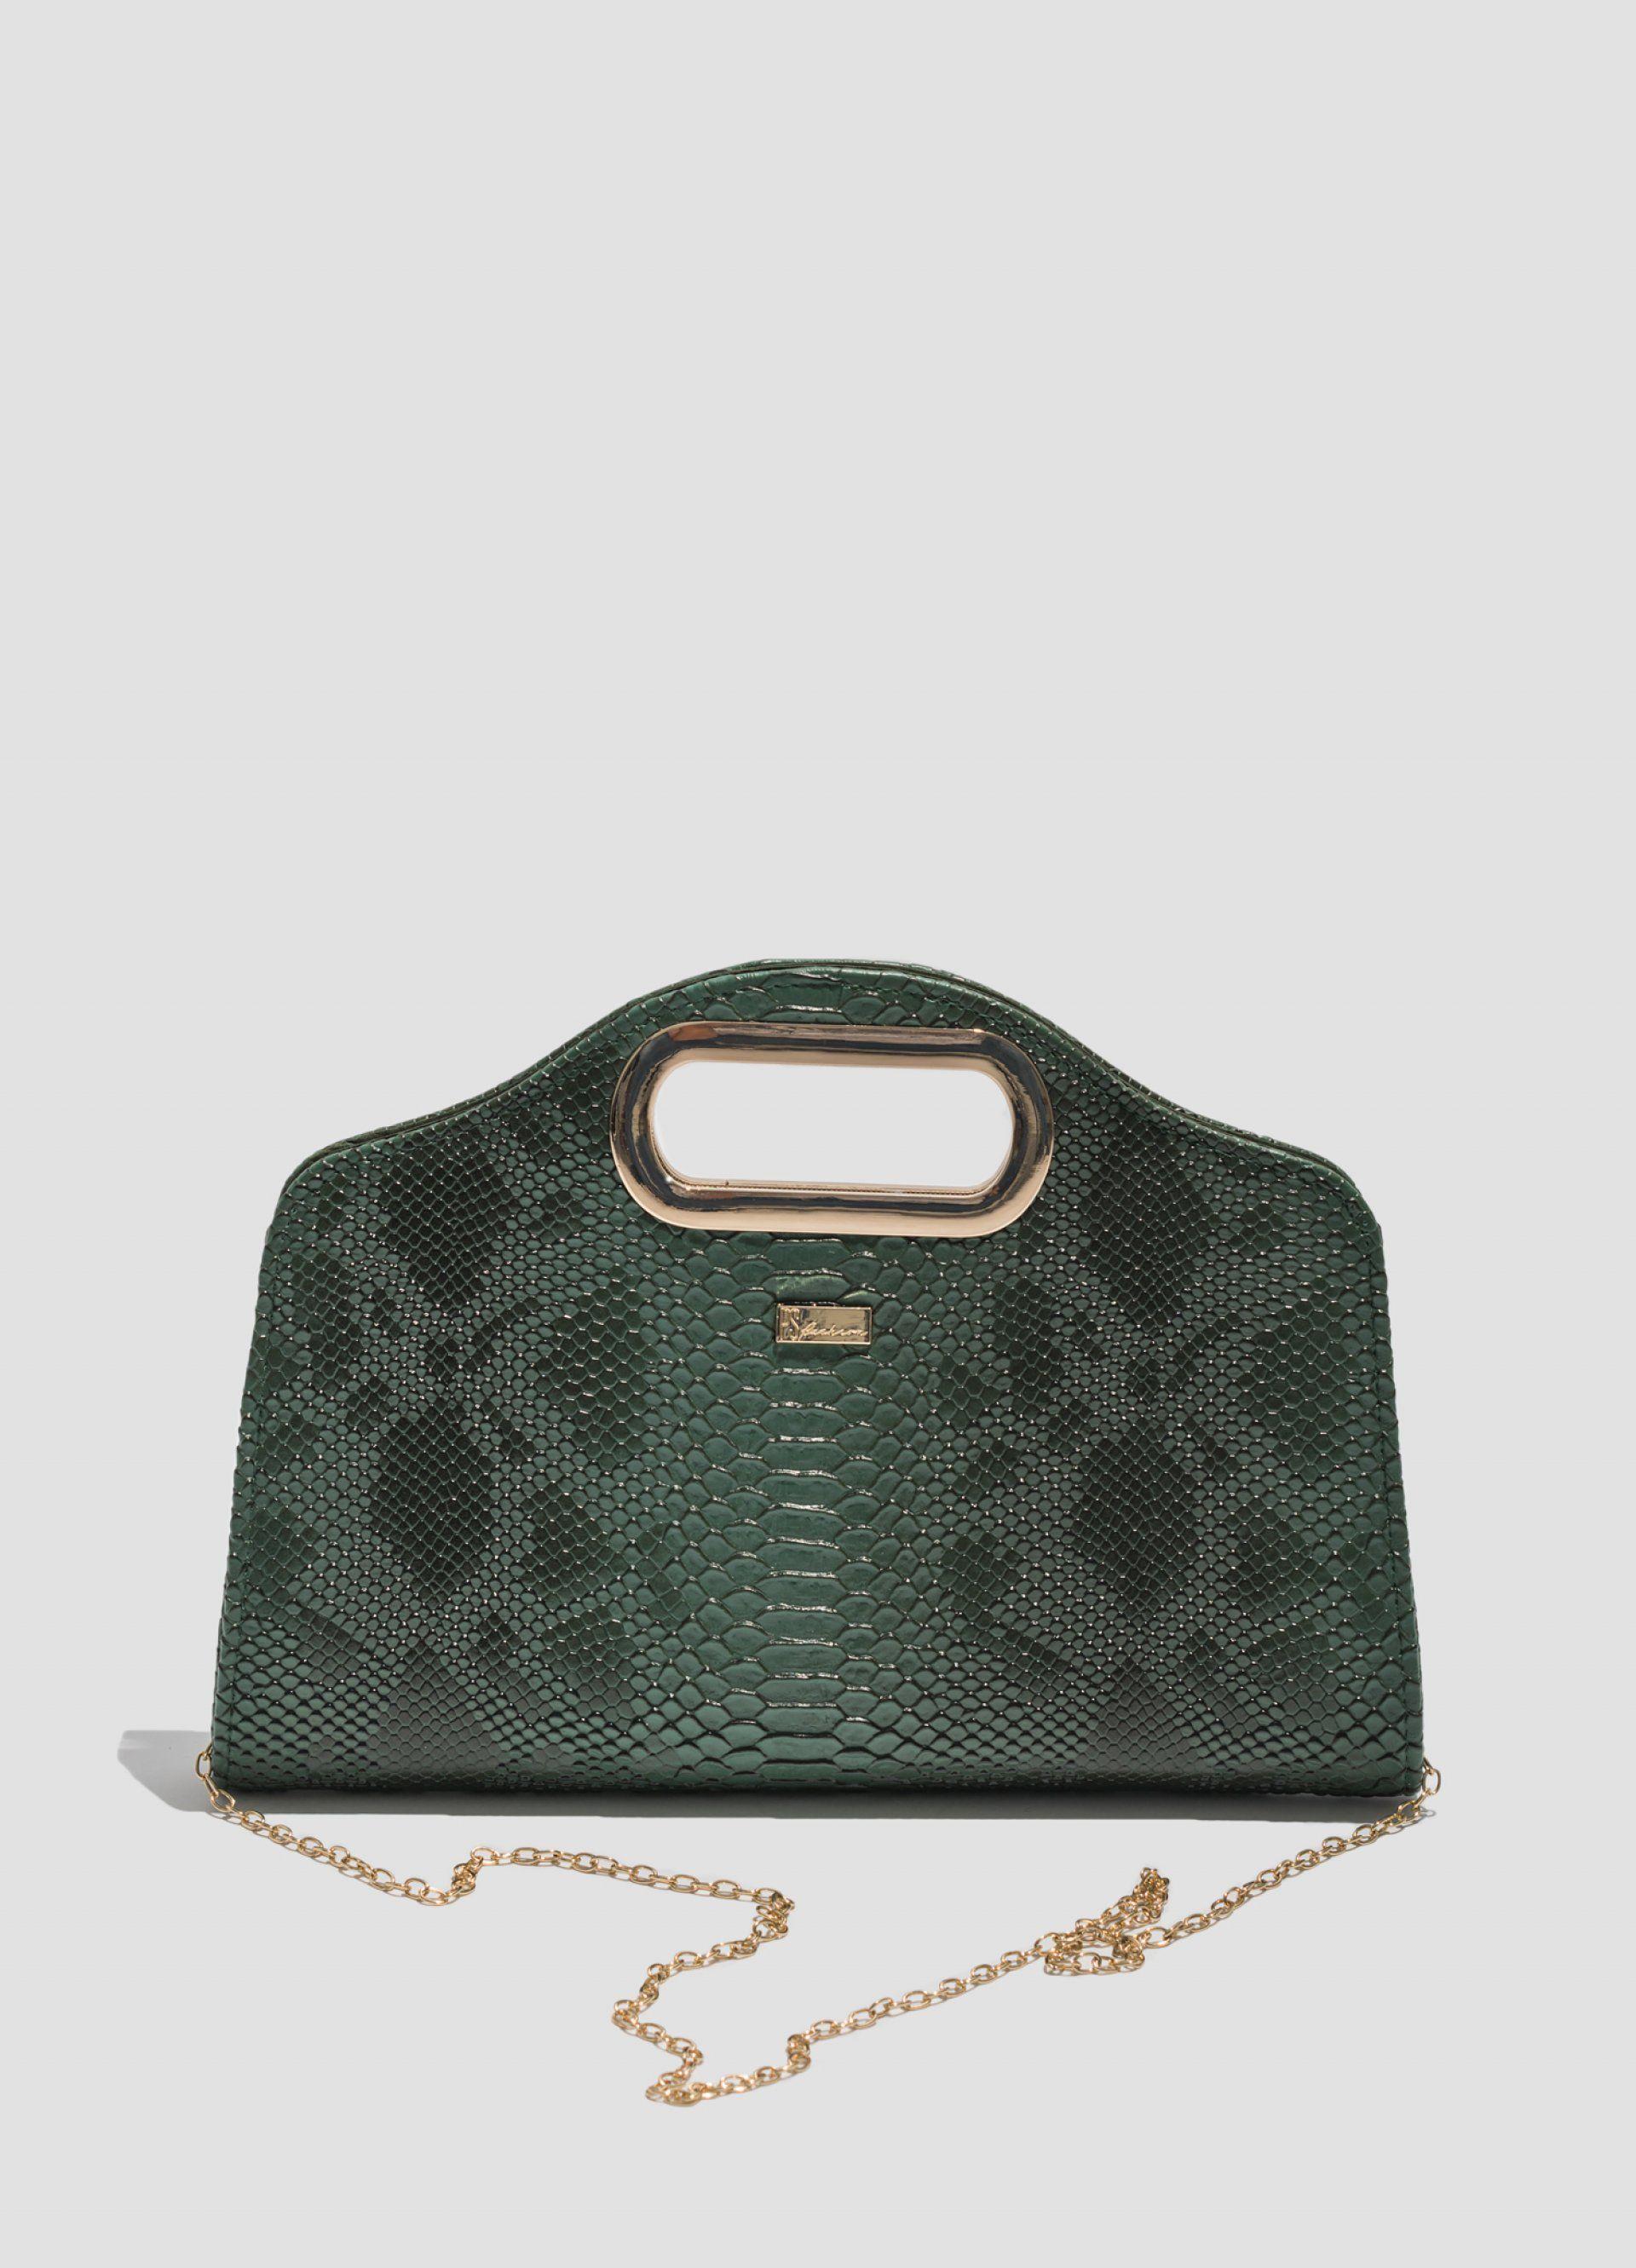 b36808bfdc950 PS Fashion – TORBA | Tashnice, torbice (: | Fashion, Marc jacobs, Bags